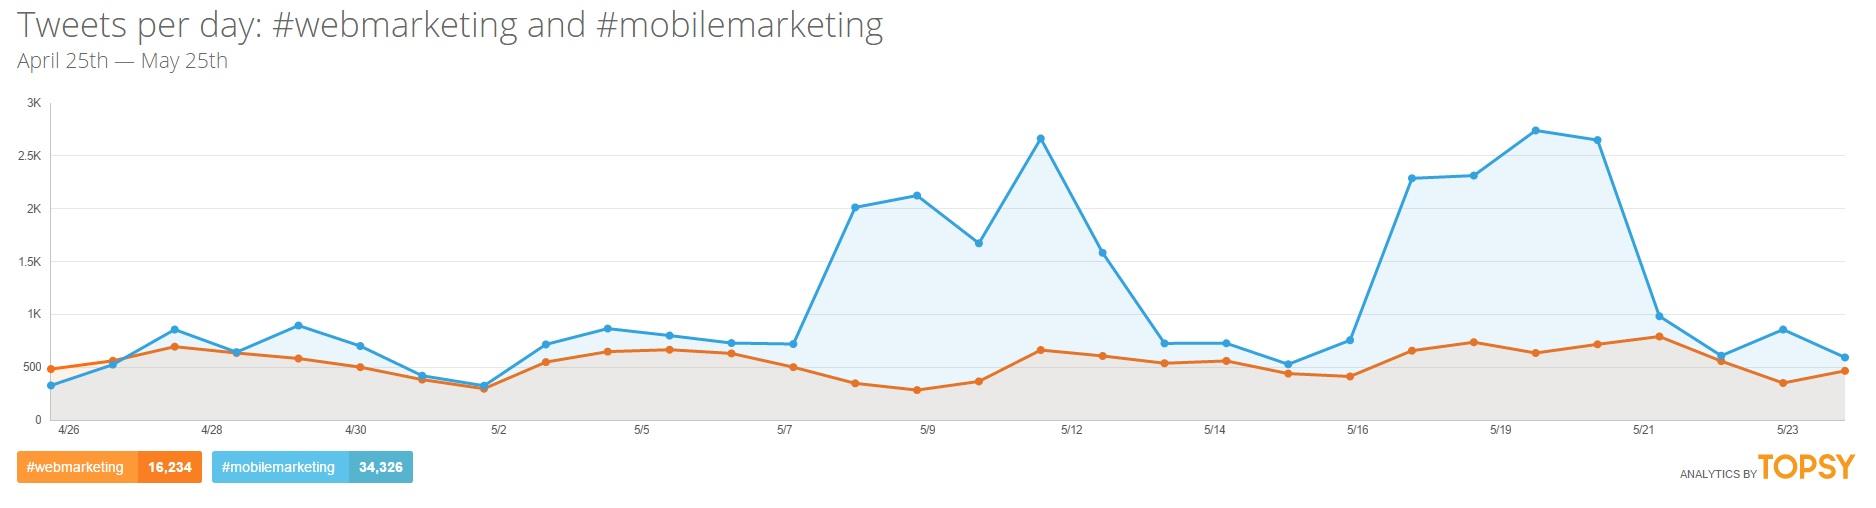 Évolution du nombre de tweets par jour sur les hashtags #webmarketing et #mobilemarketing Topsy